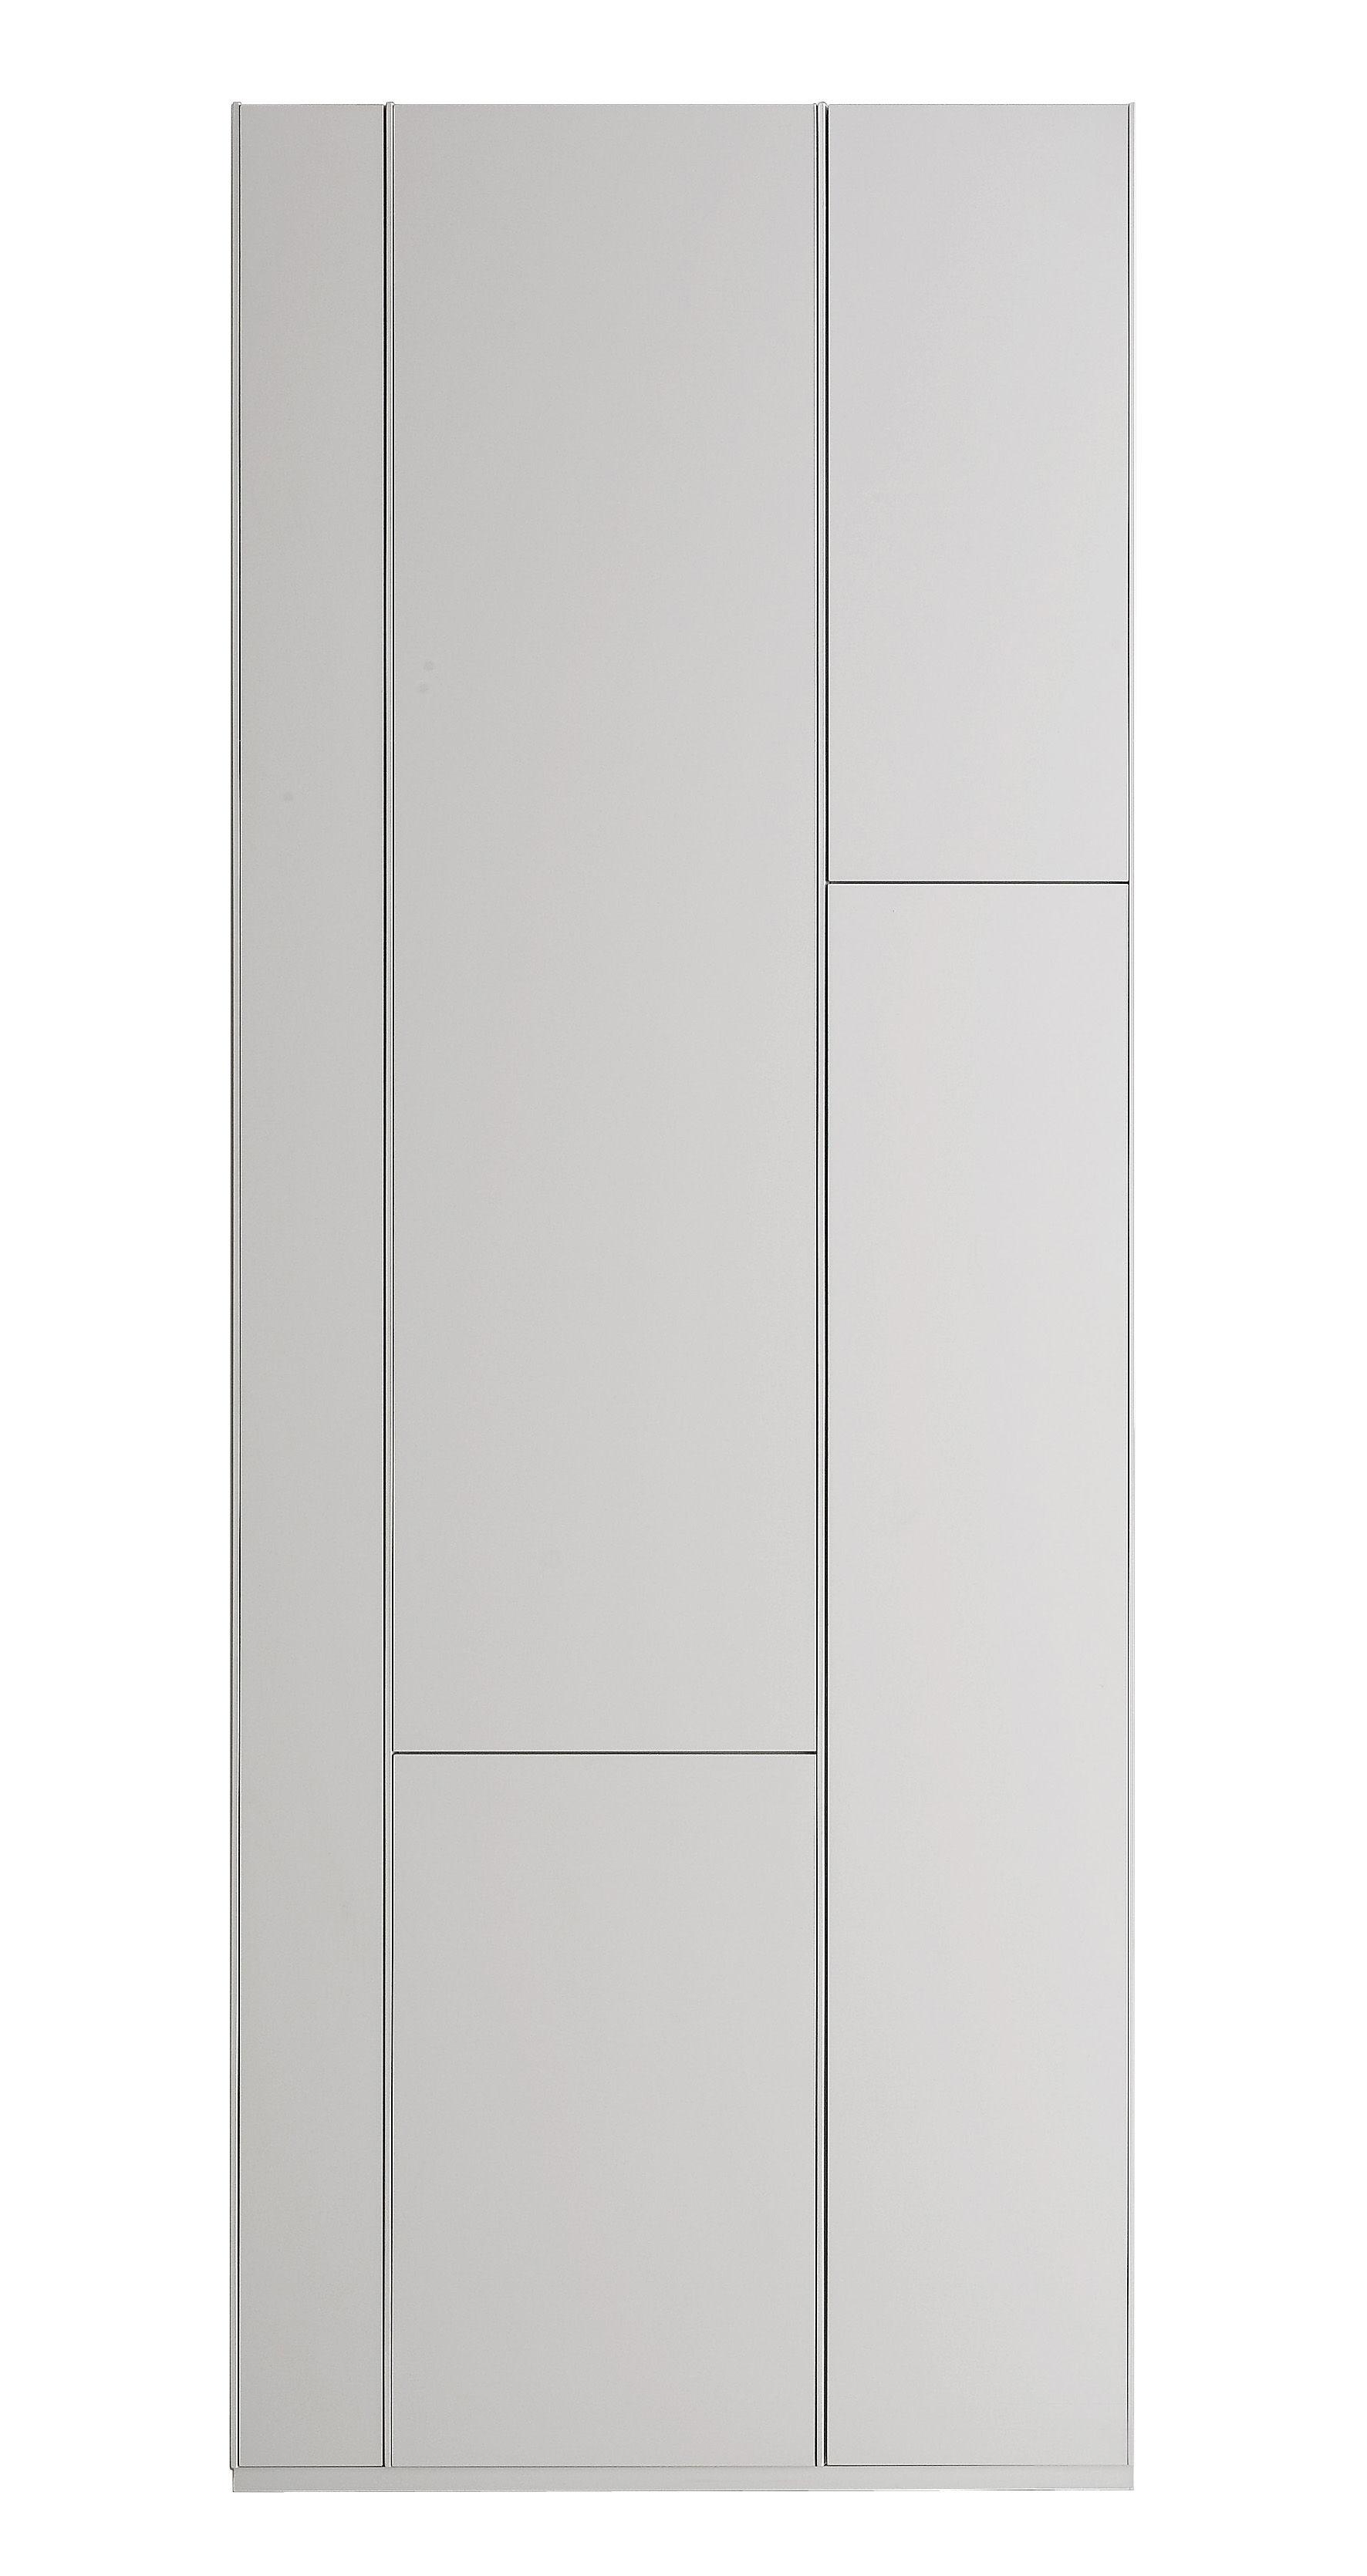 Möbel - Regale und Bücherregale - Random Cabinet Bücherregal - MDF Italia - Weiß lackiert - lackierte Holzfaser